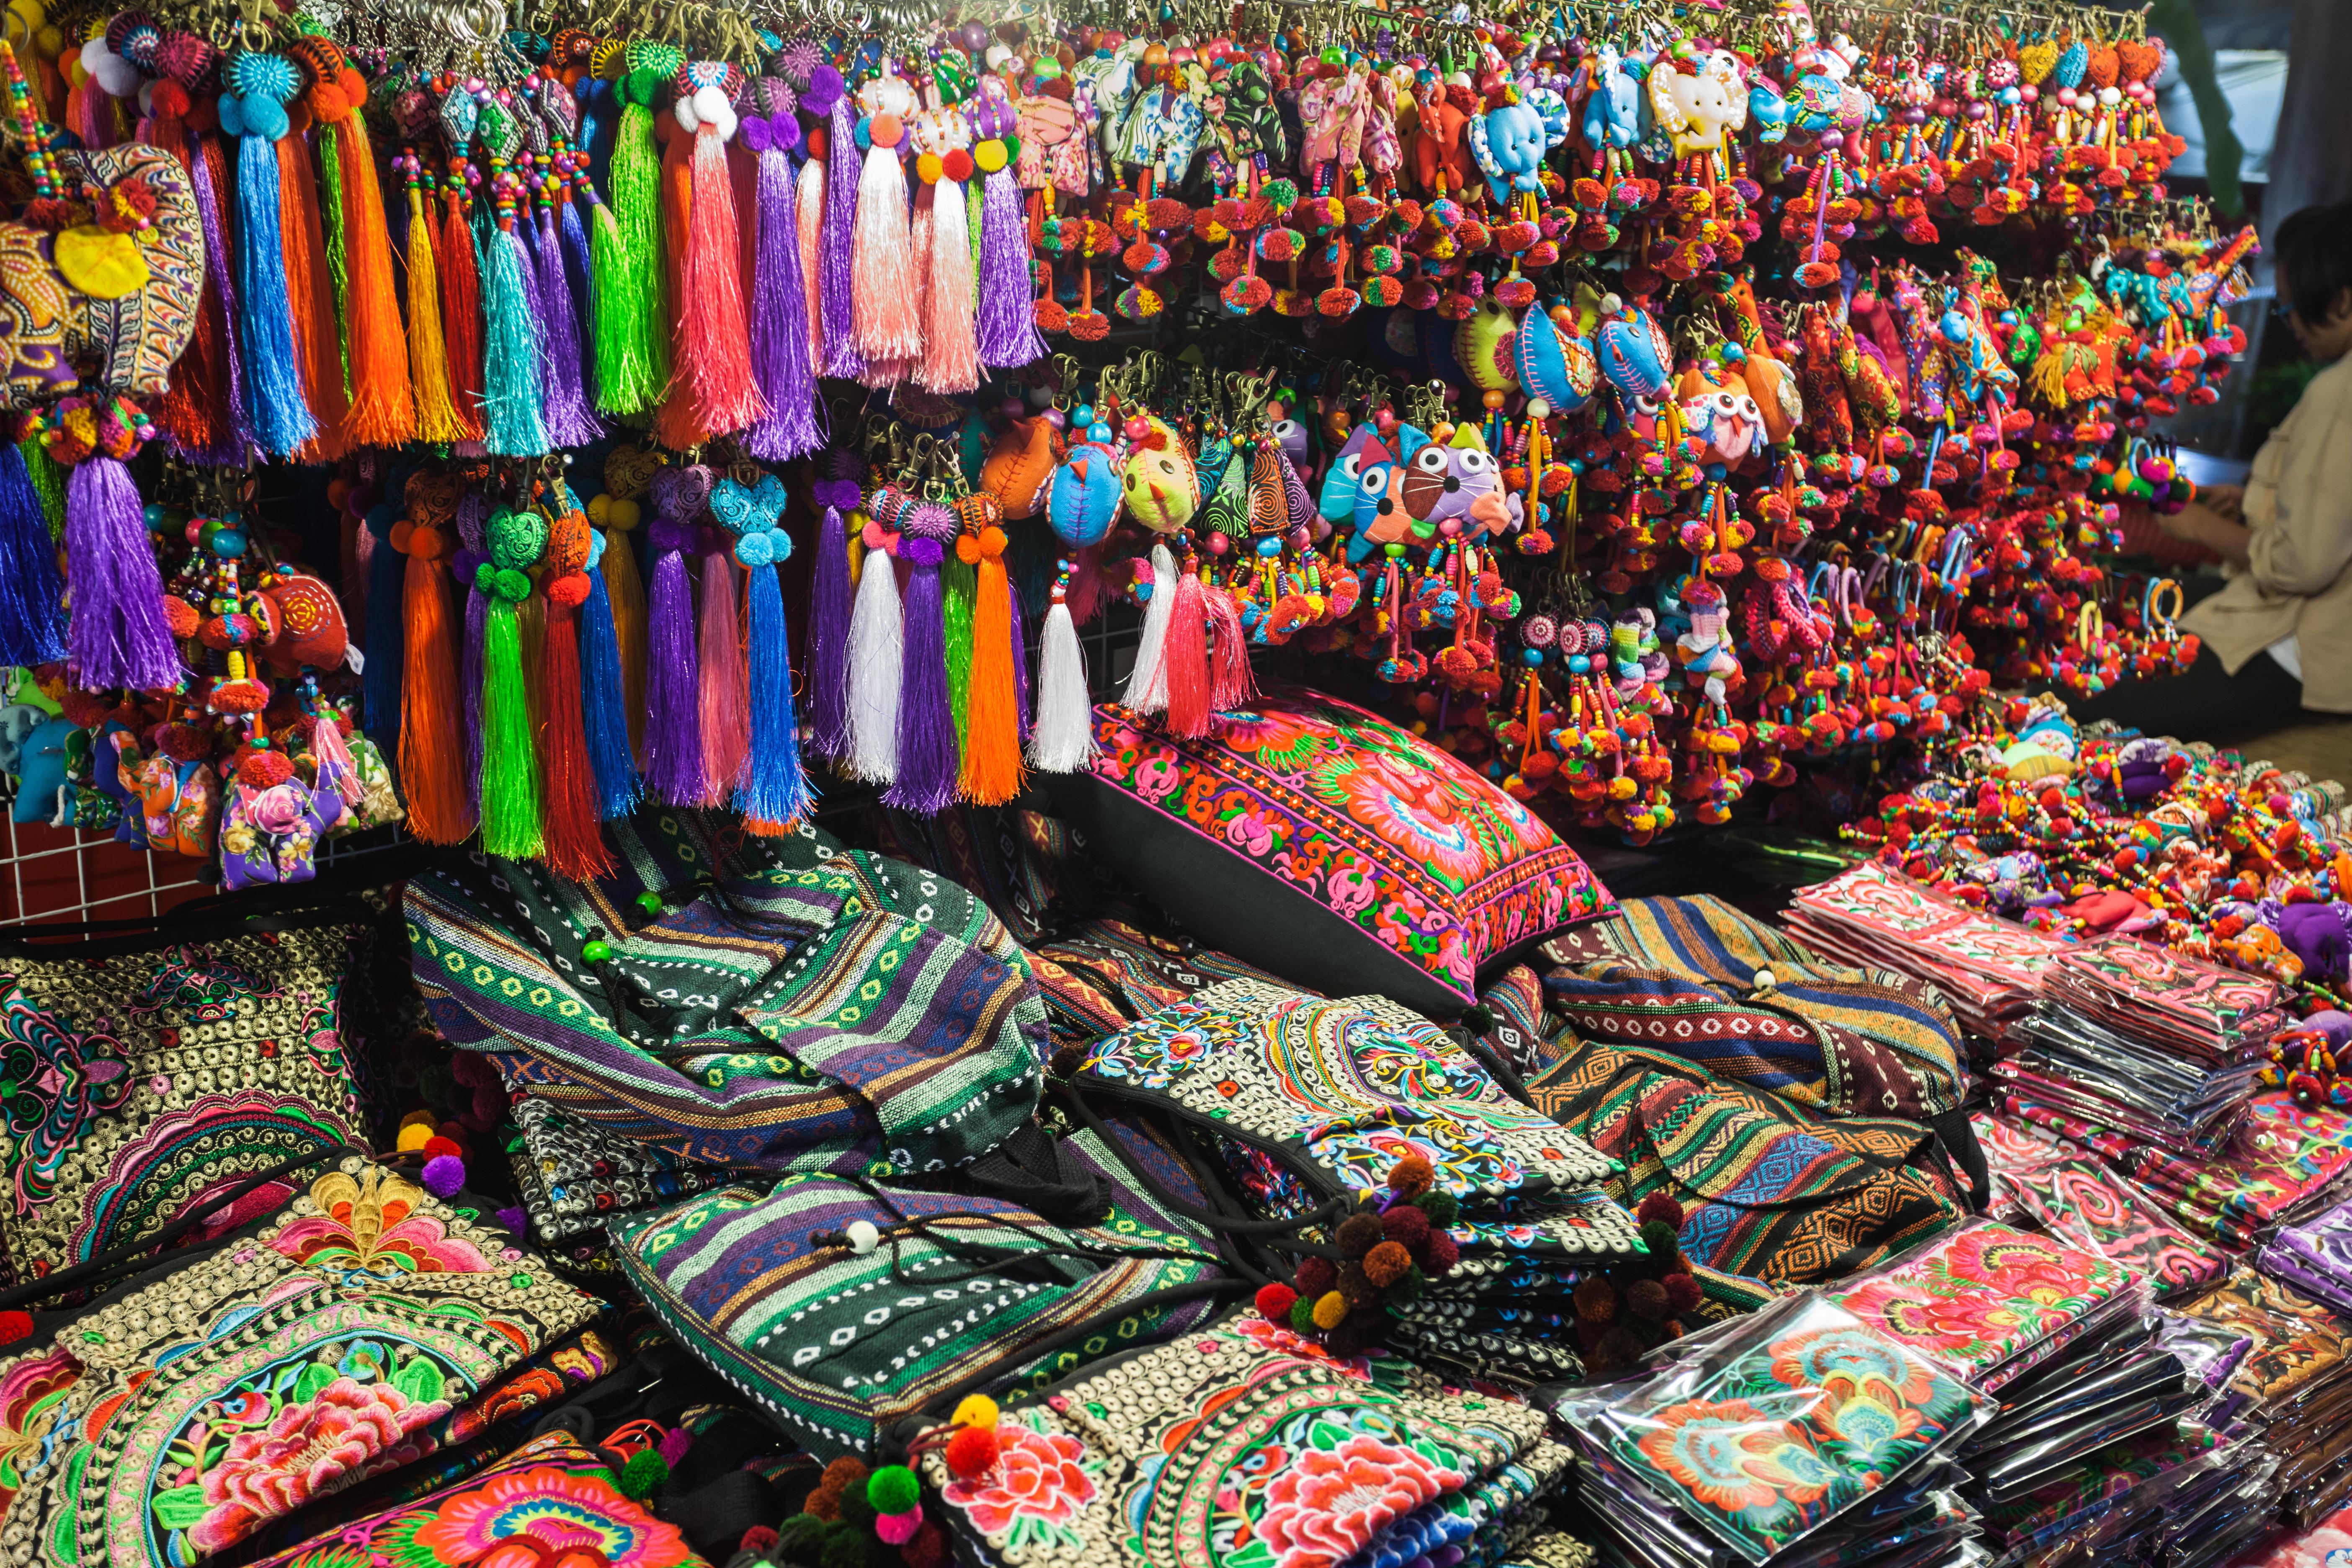 Изделия ручной работы тайских мастериц